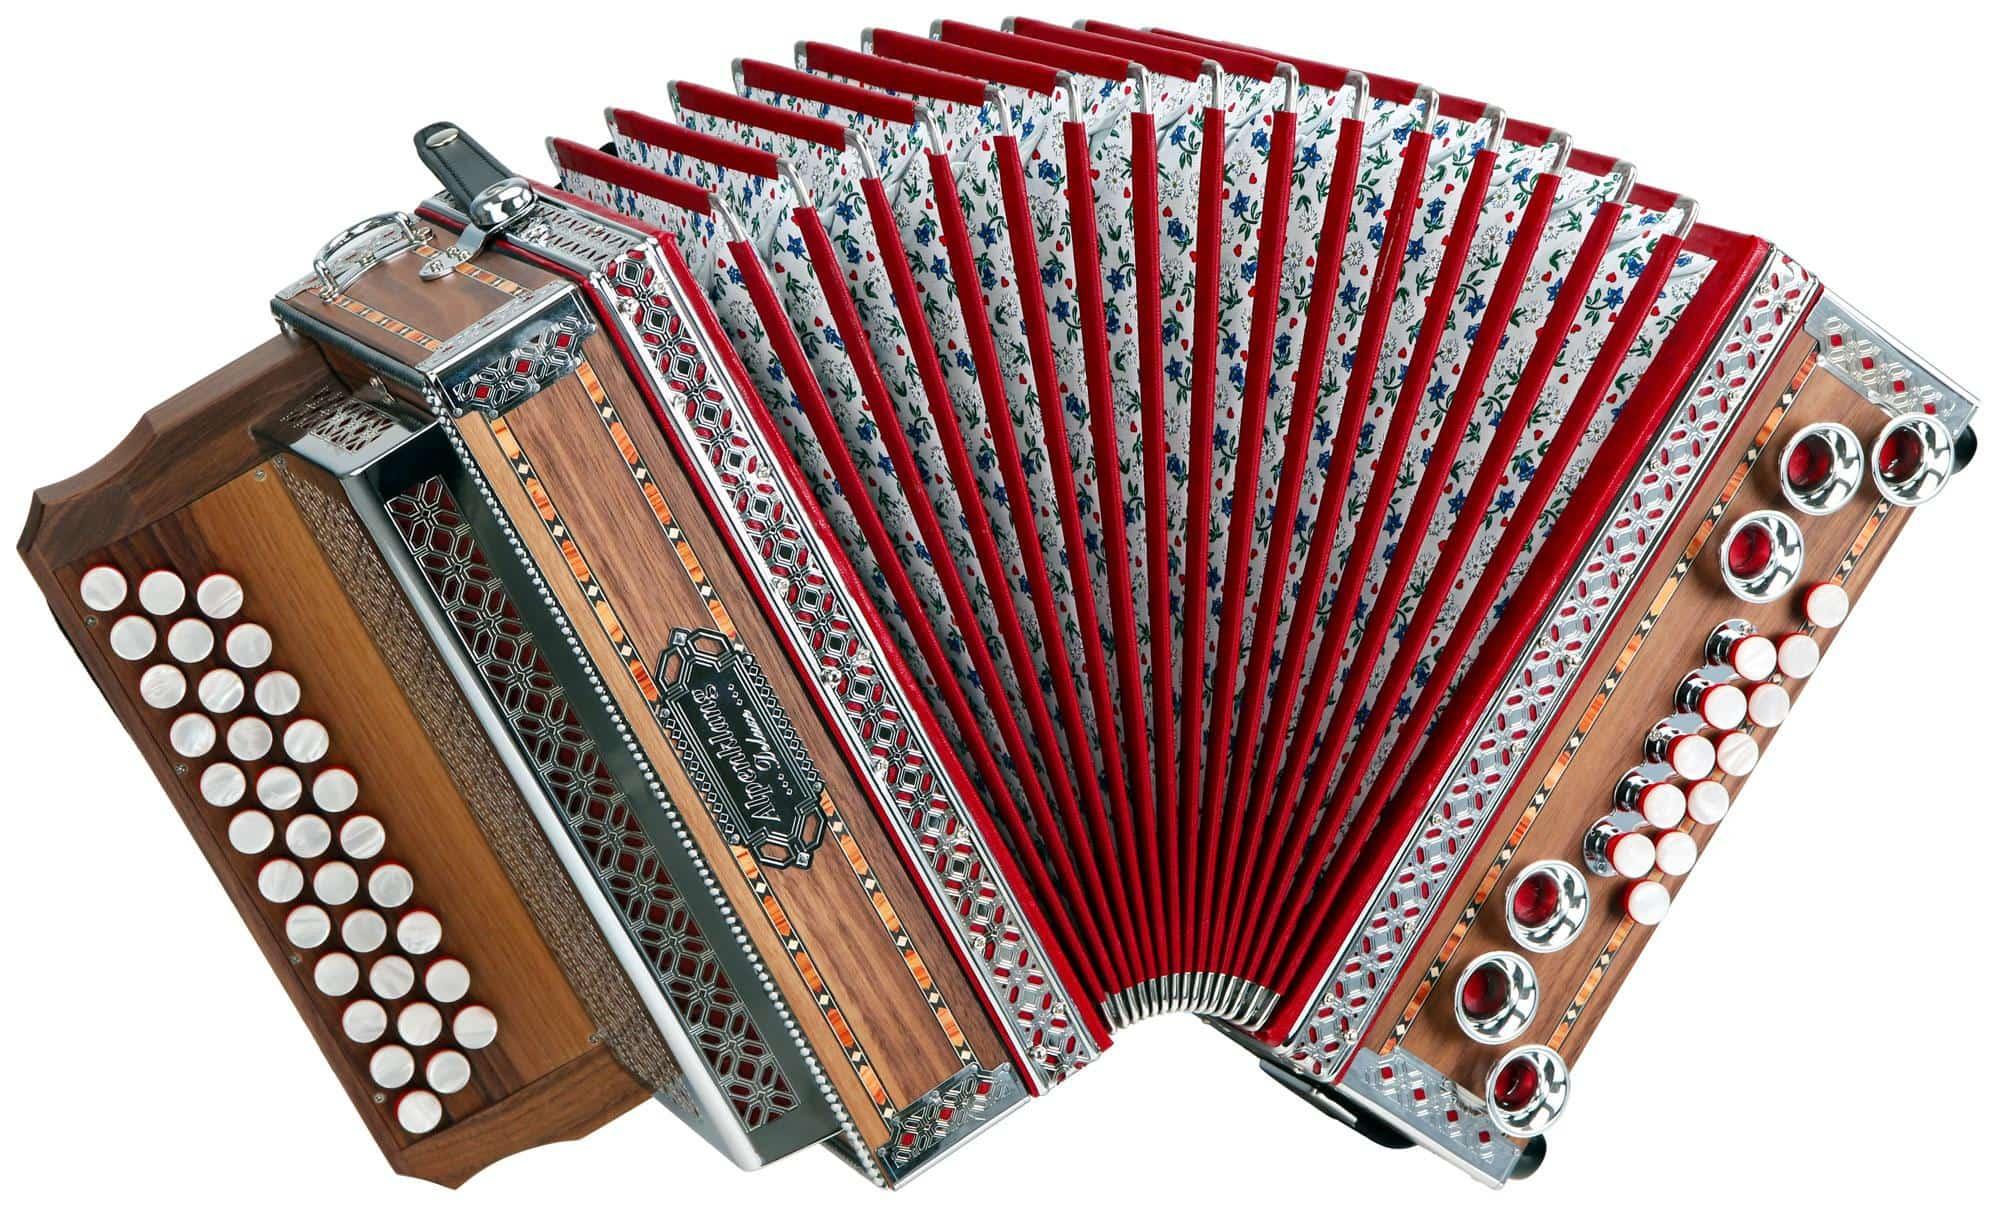 Alpenklang 3|II Harmonika 'Deluxe' B Es As Nuss